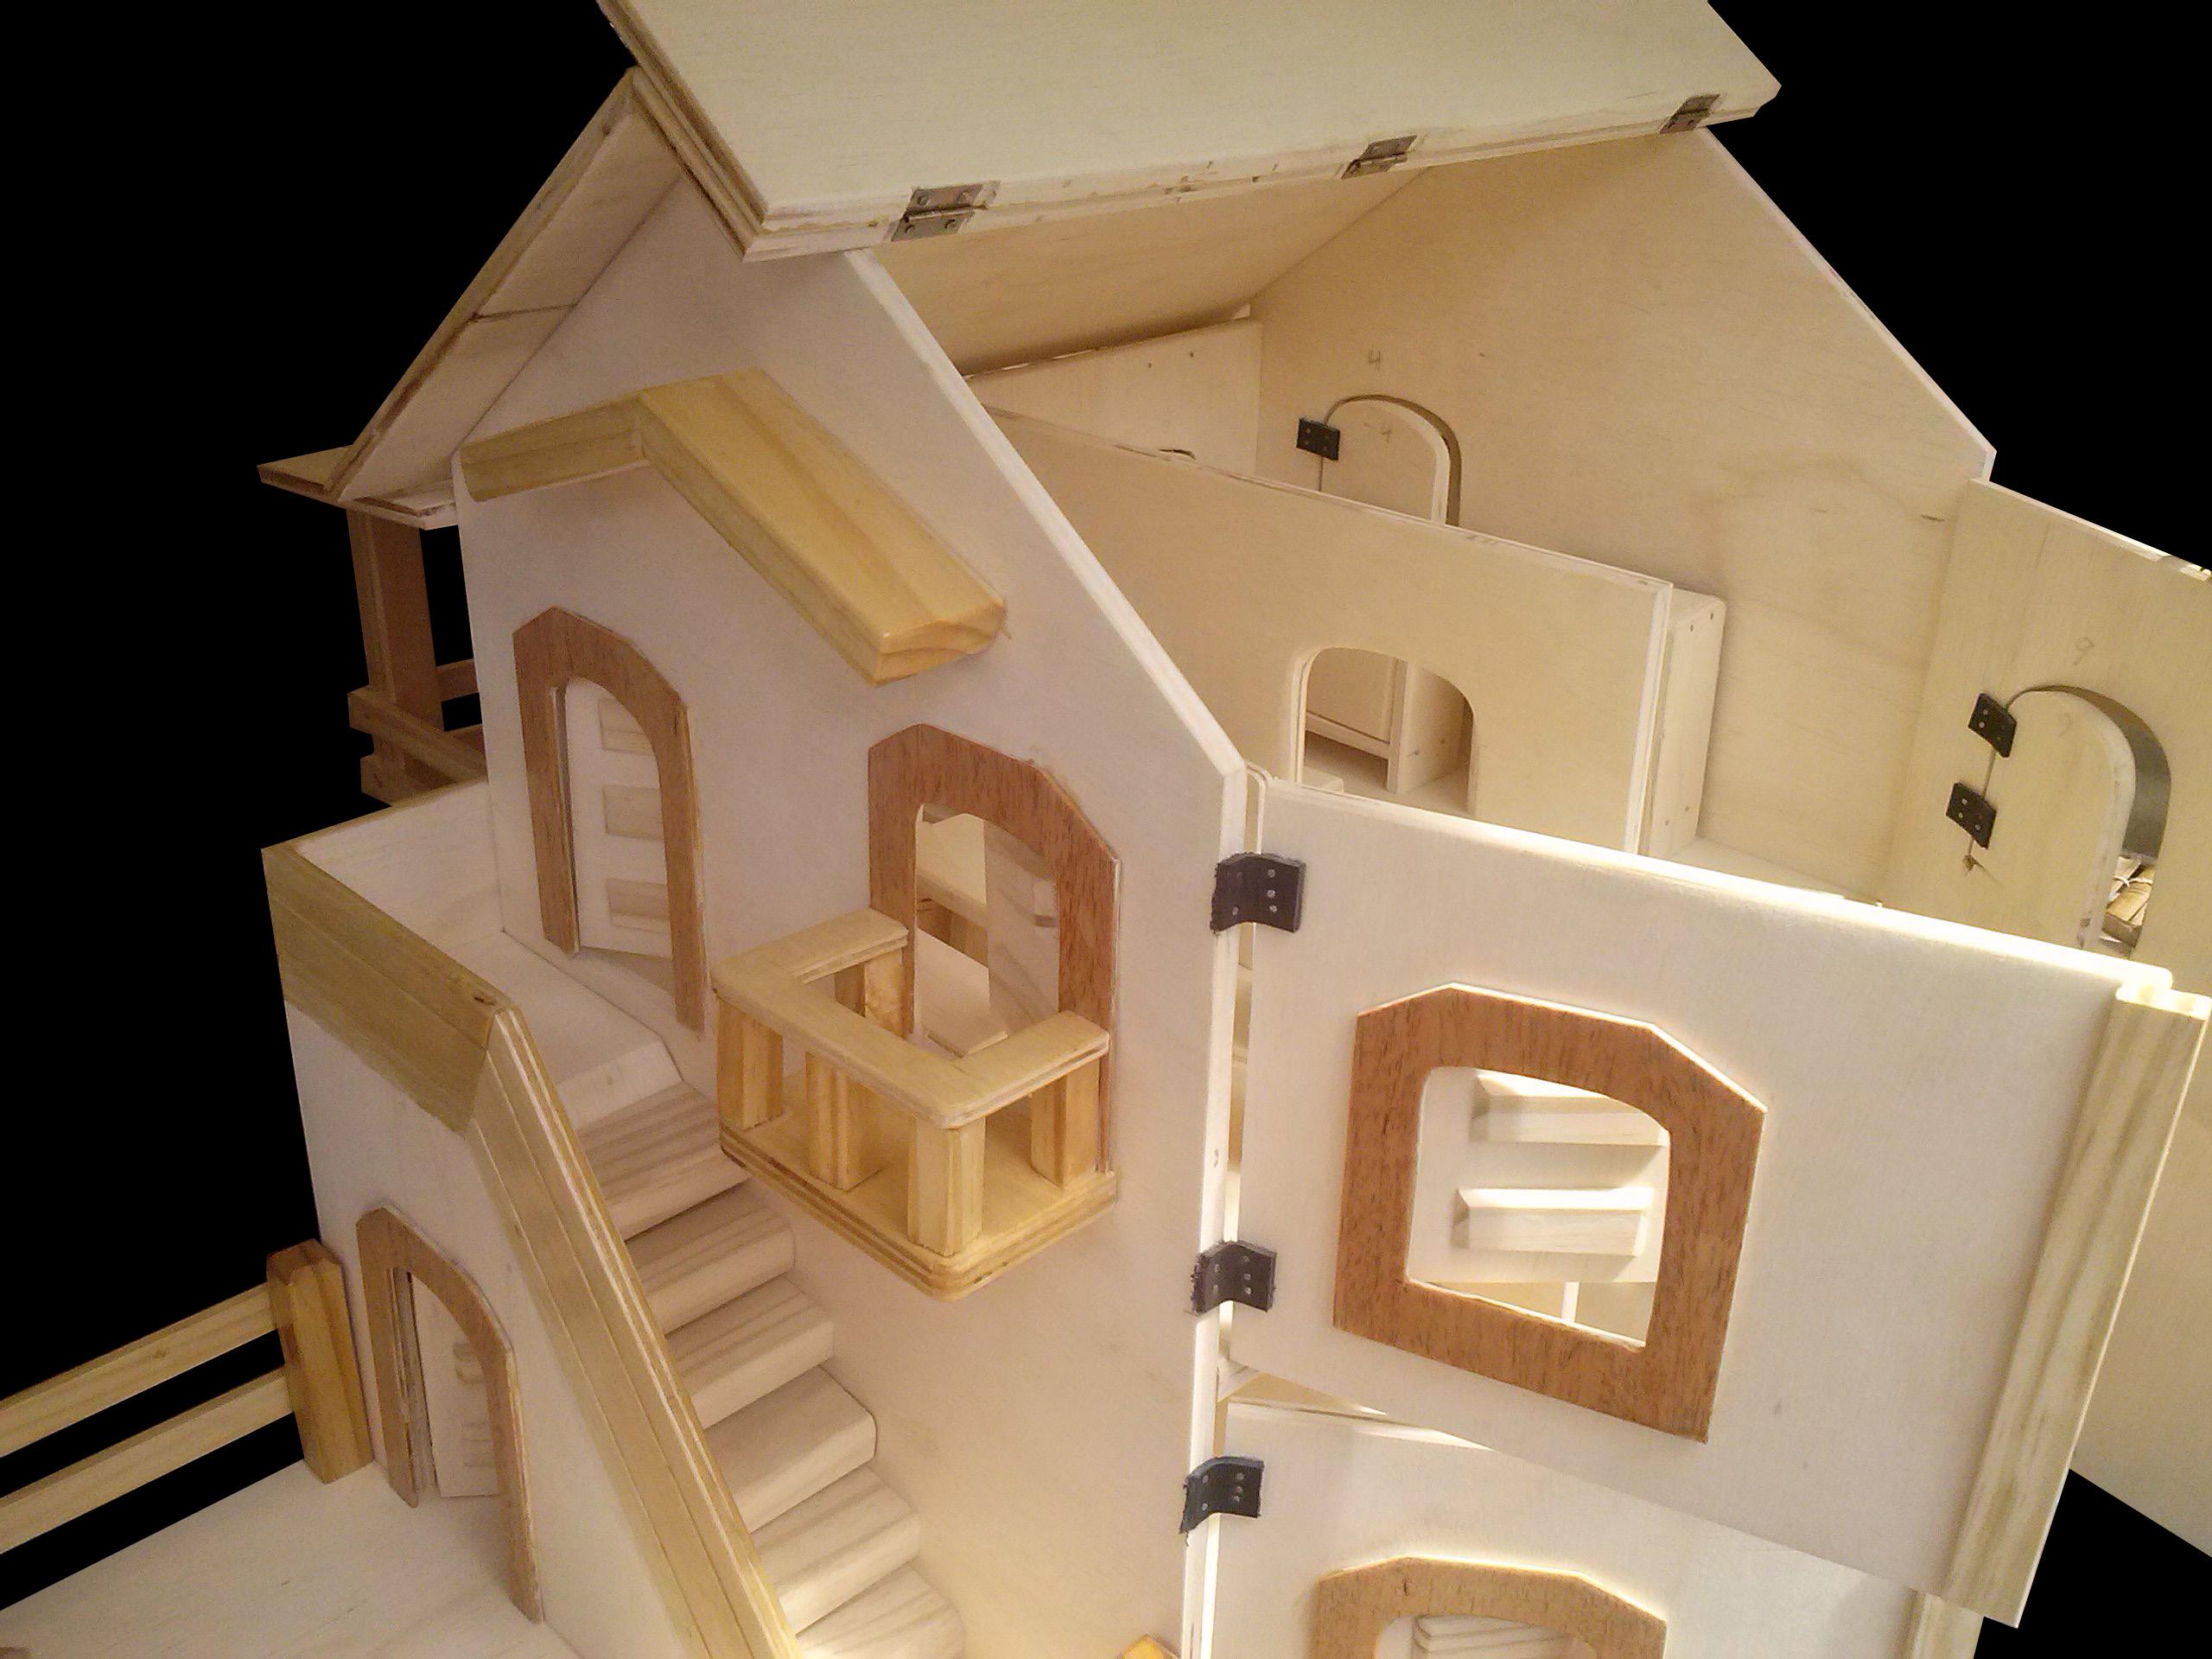 casinha de boneca com moveis em madeira casa de bonecas #B67D15 2560x1920